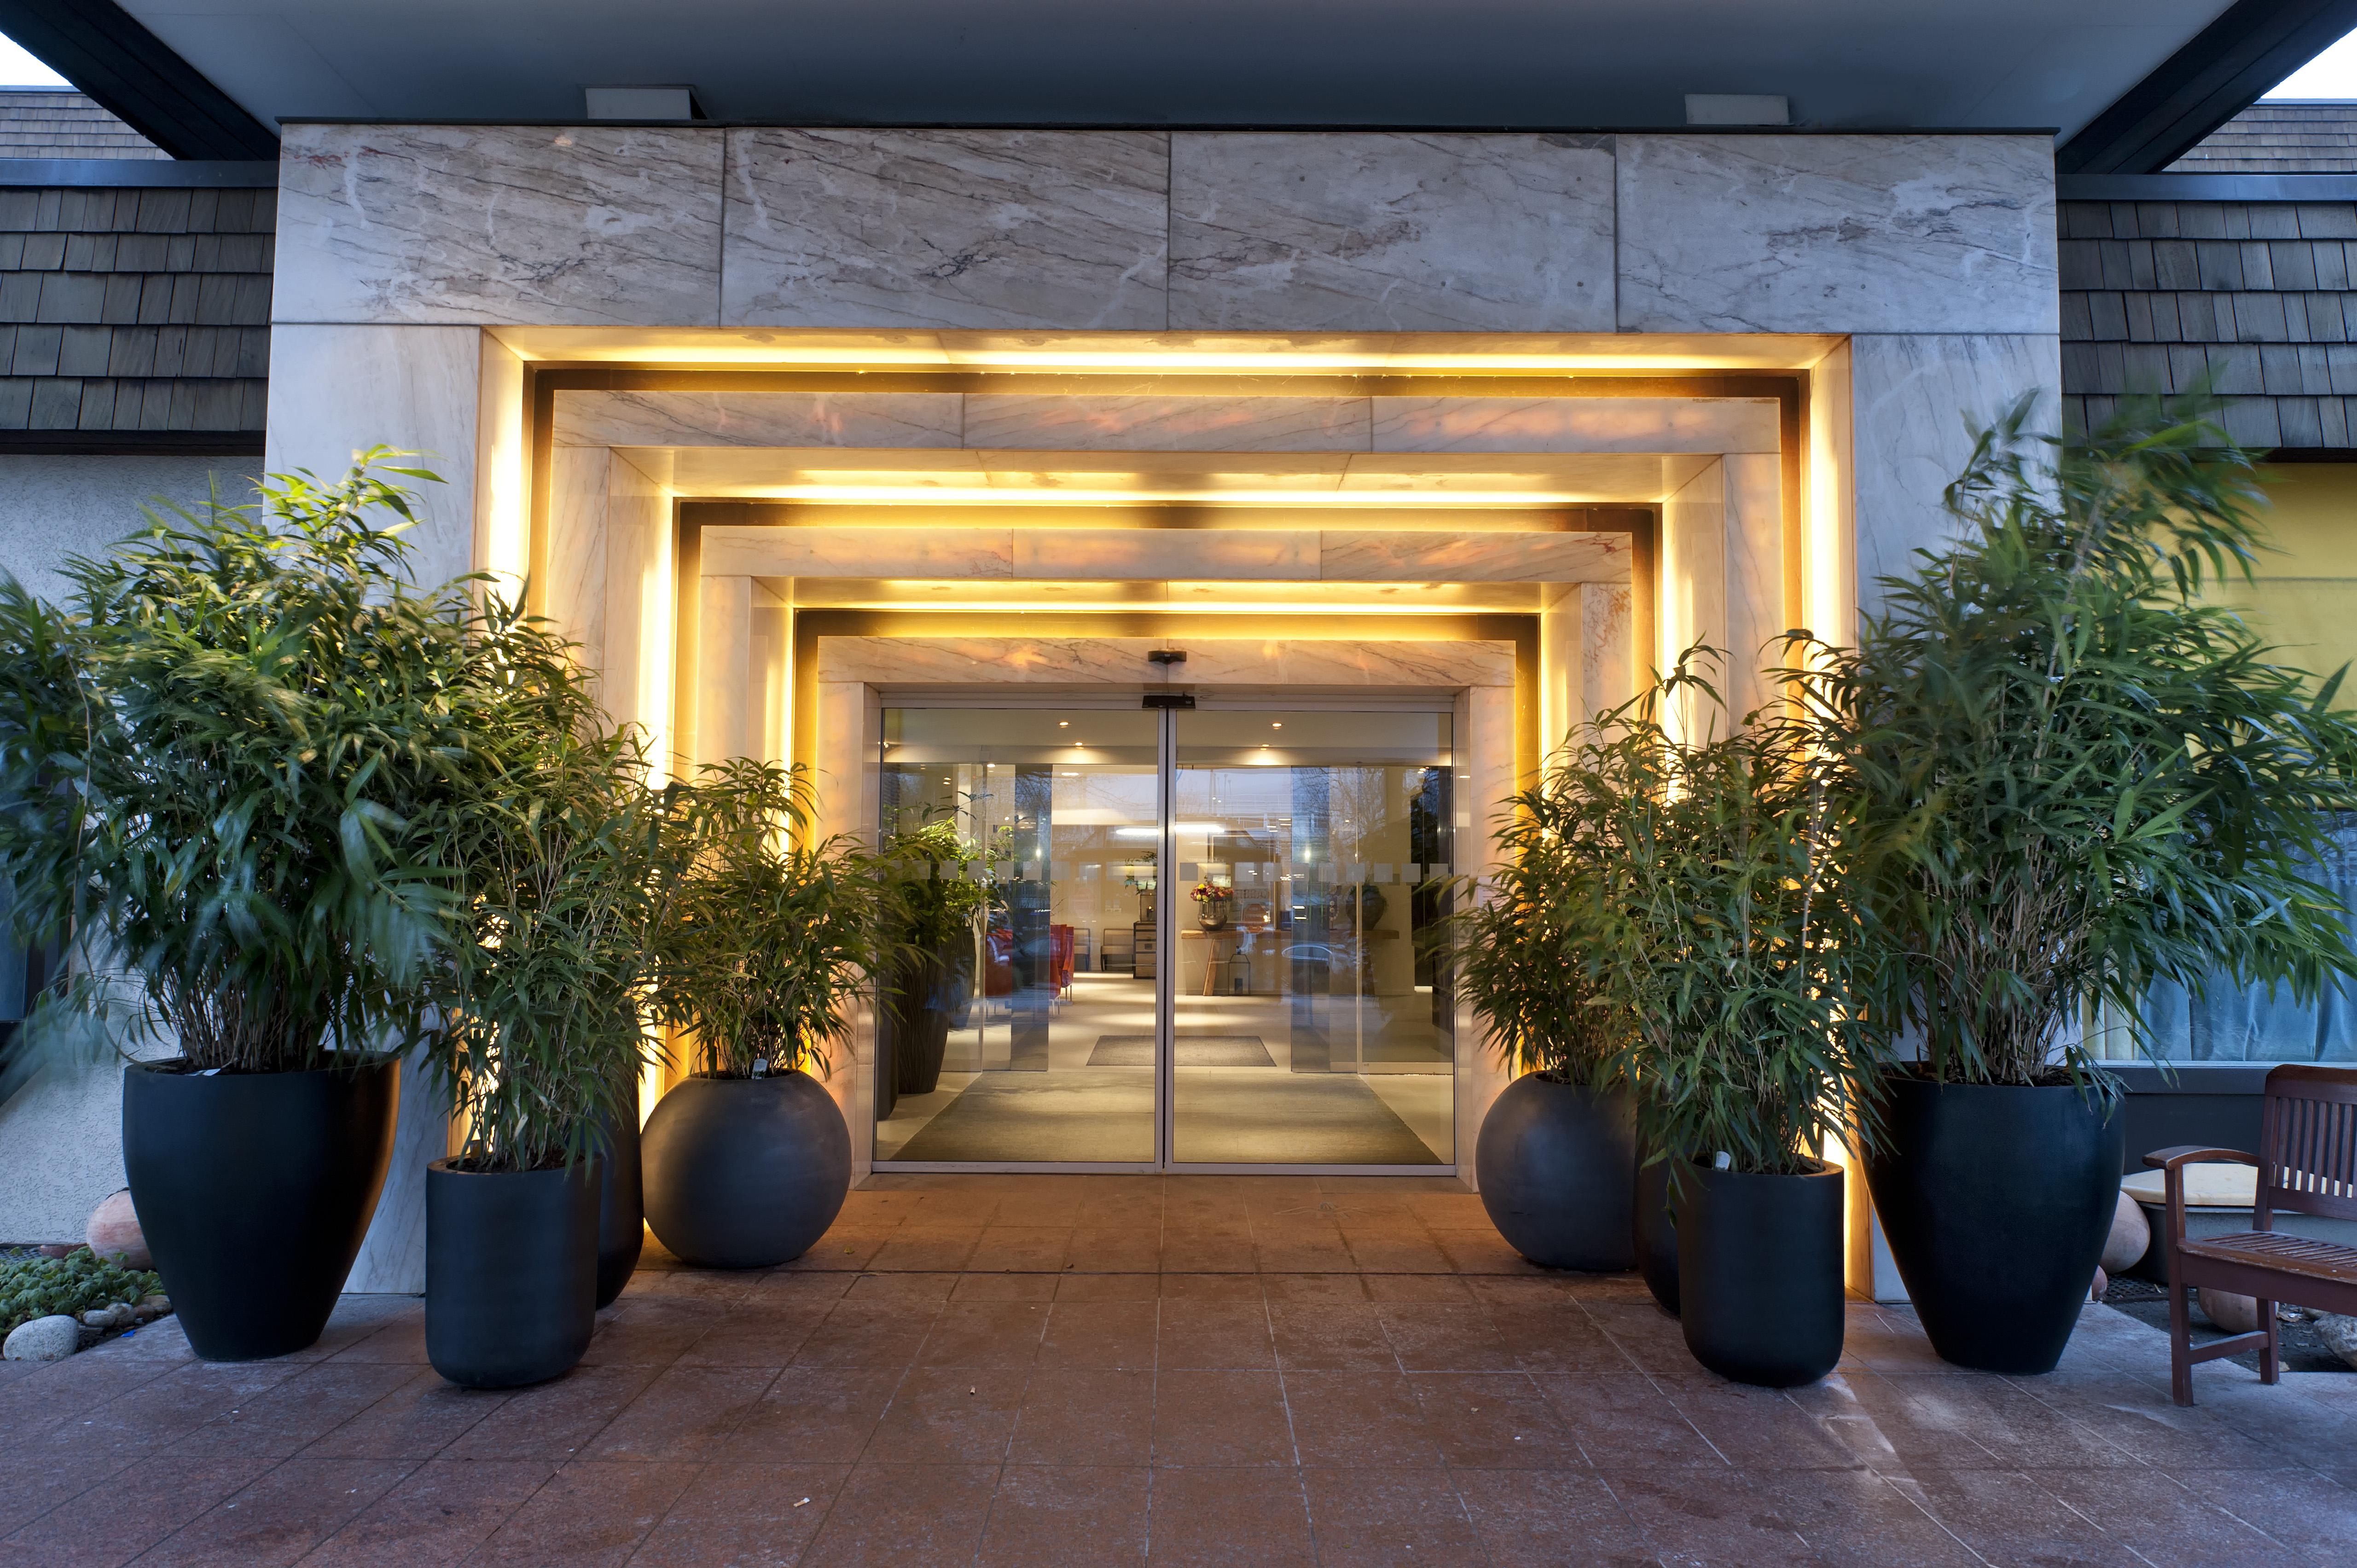 Wyndham Airport Hotel Stuttgart